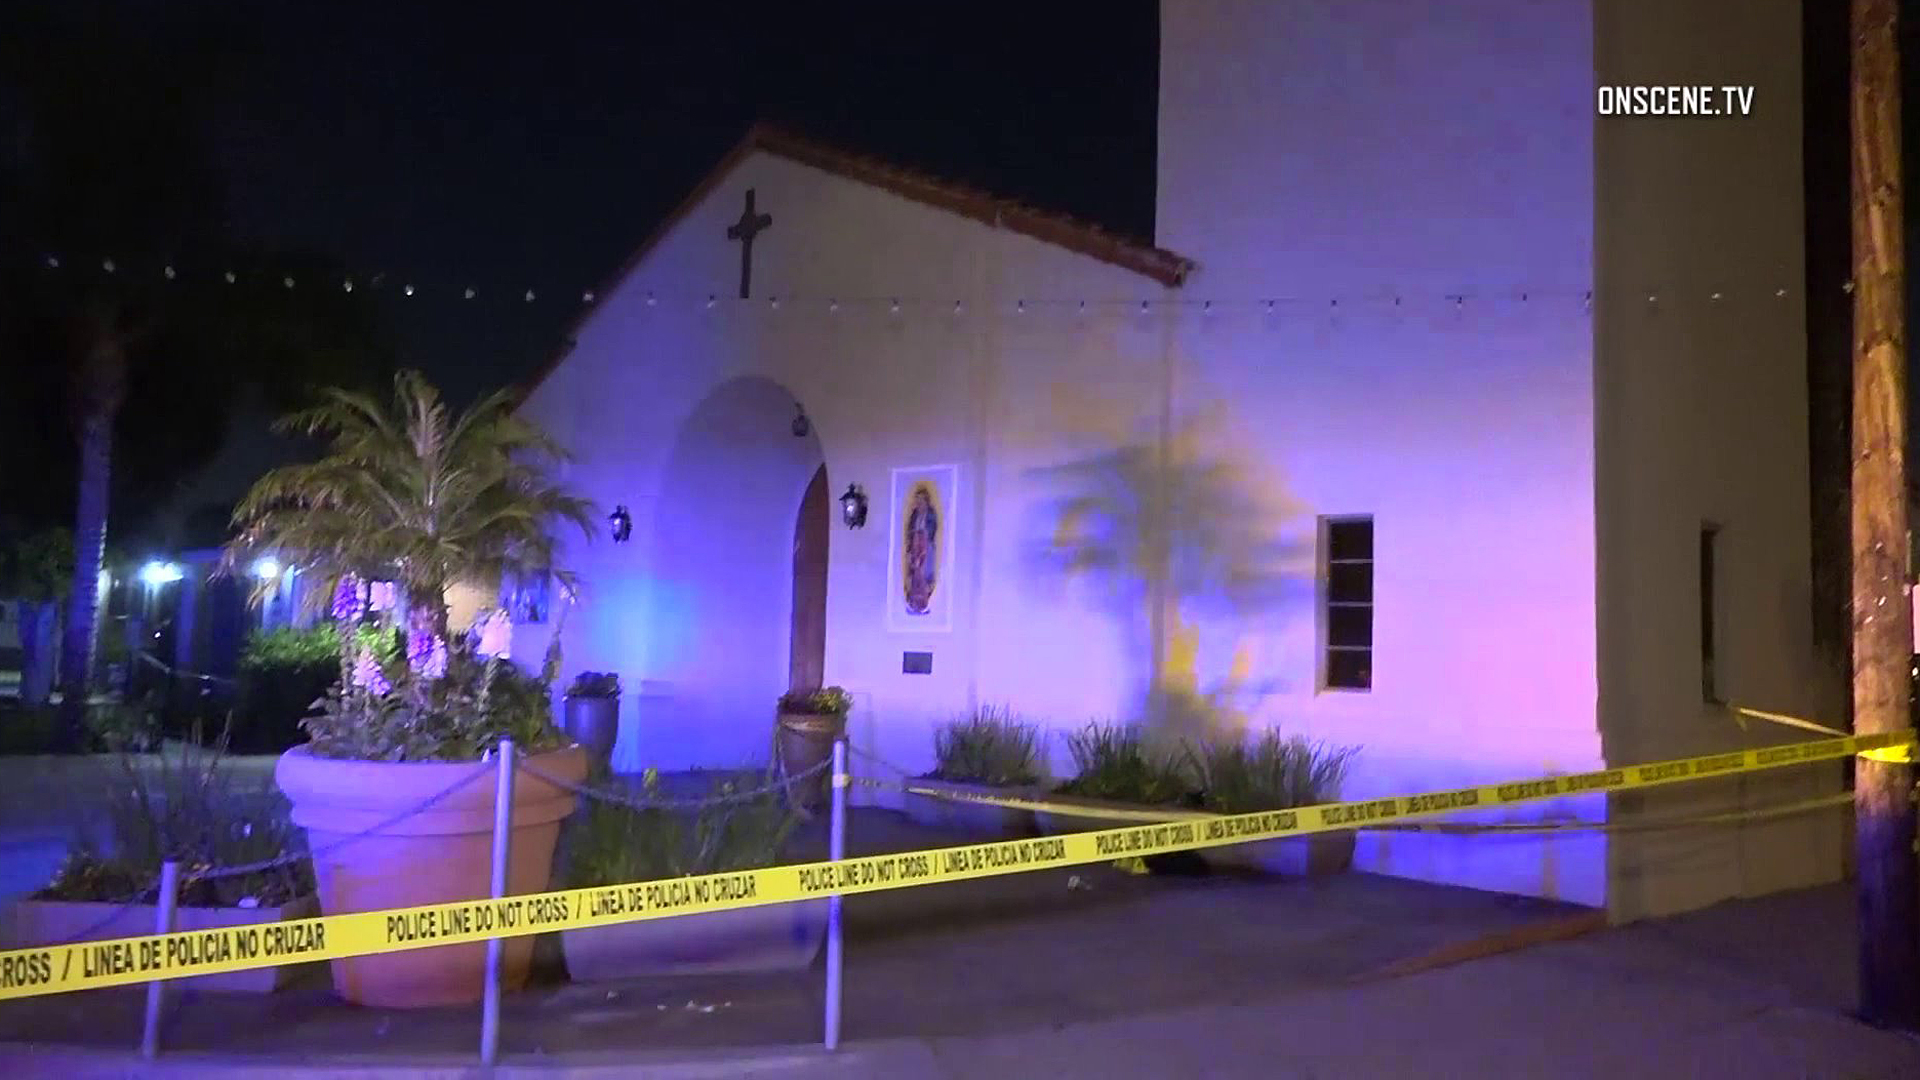 Police investigate a carjacking in Santa Ana on April 22, 2019. (Credit: OnScene.TV)